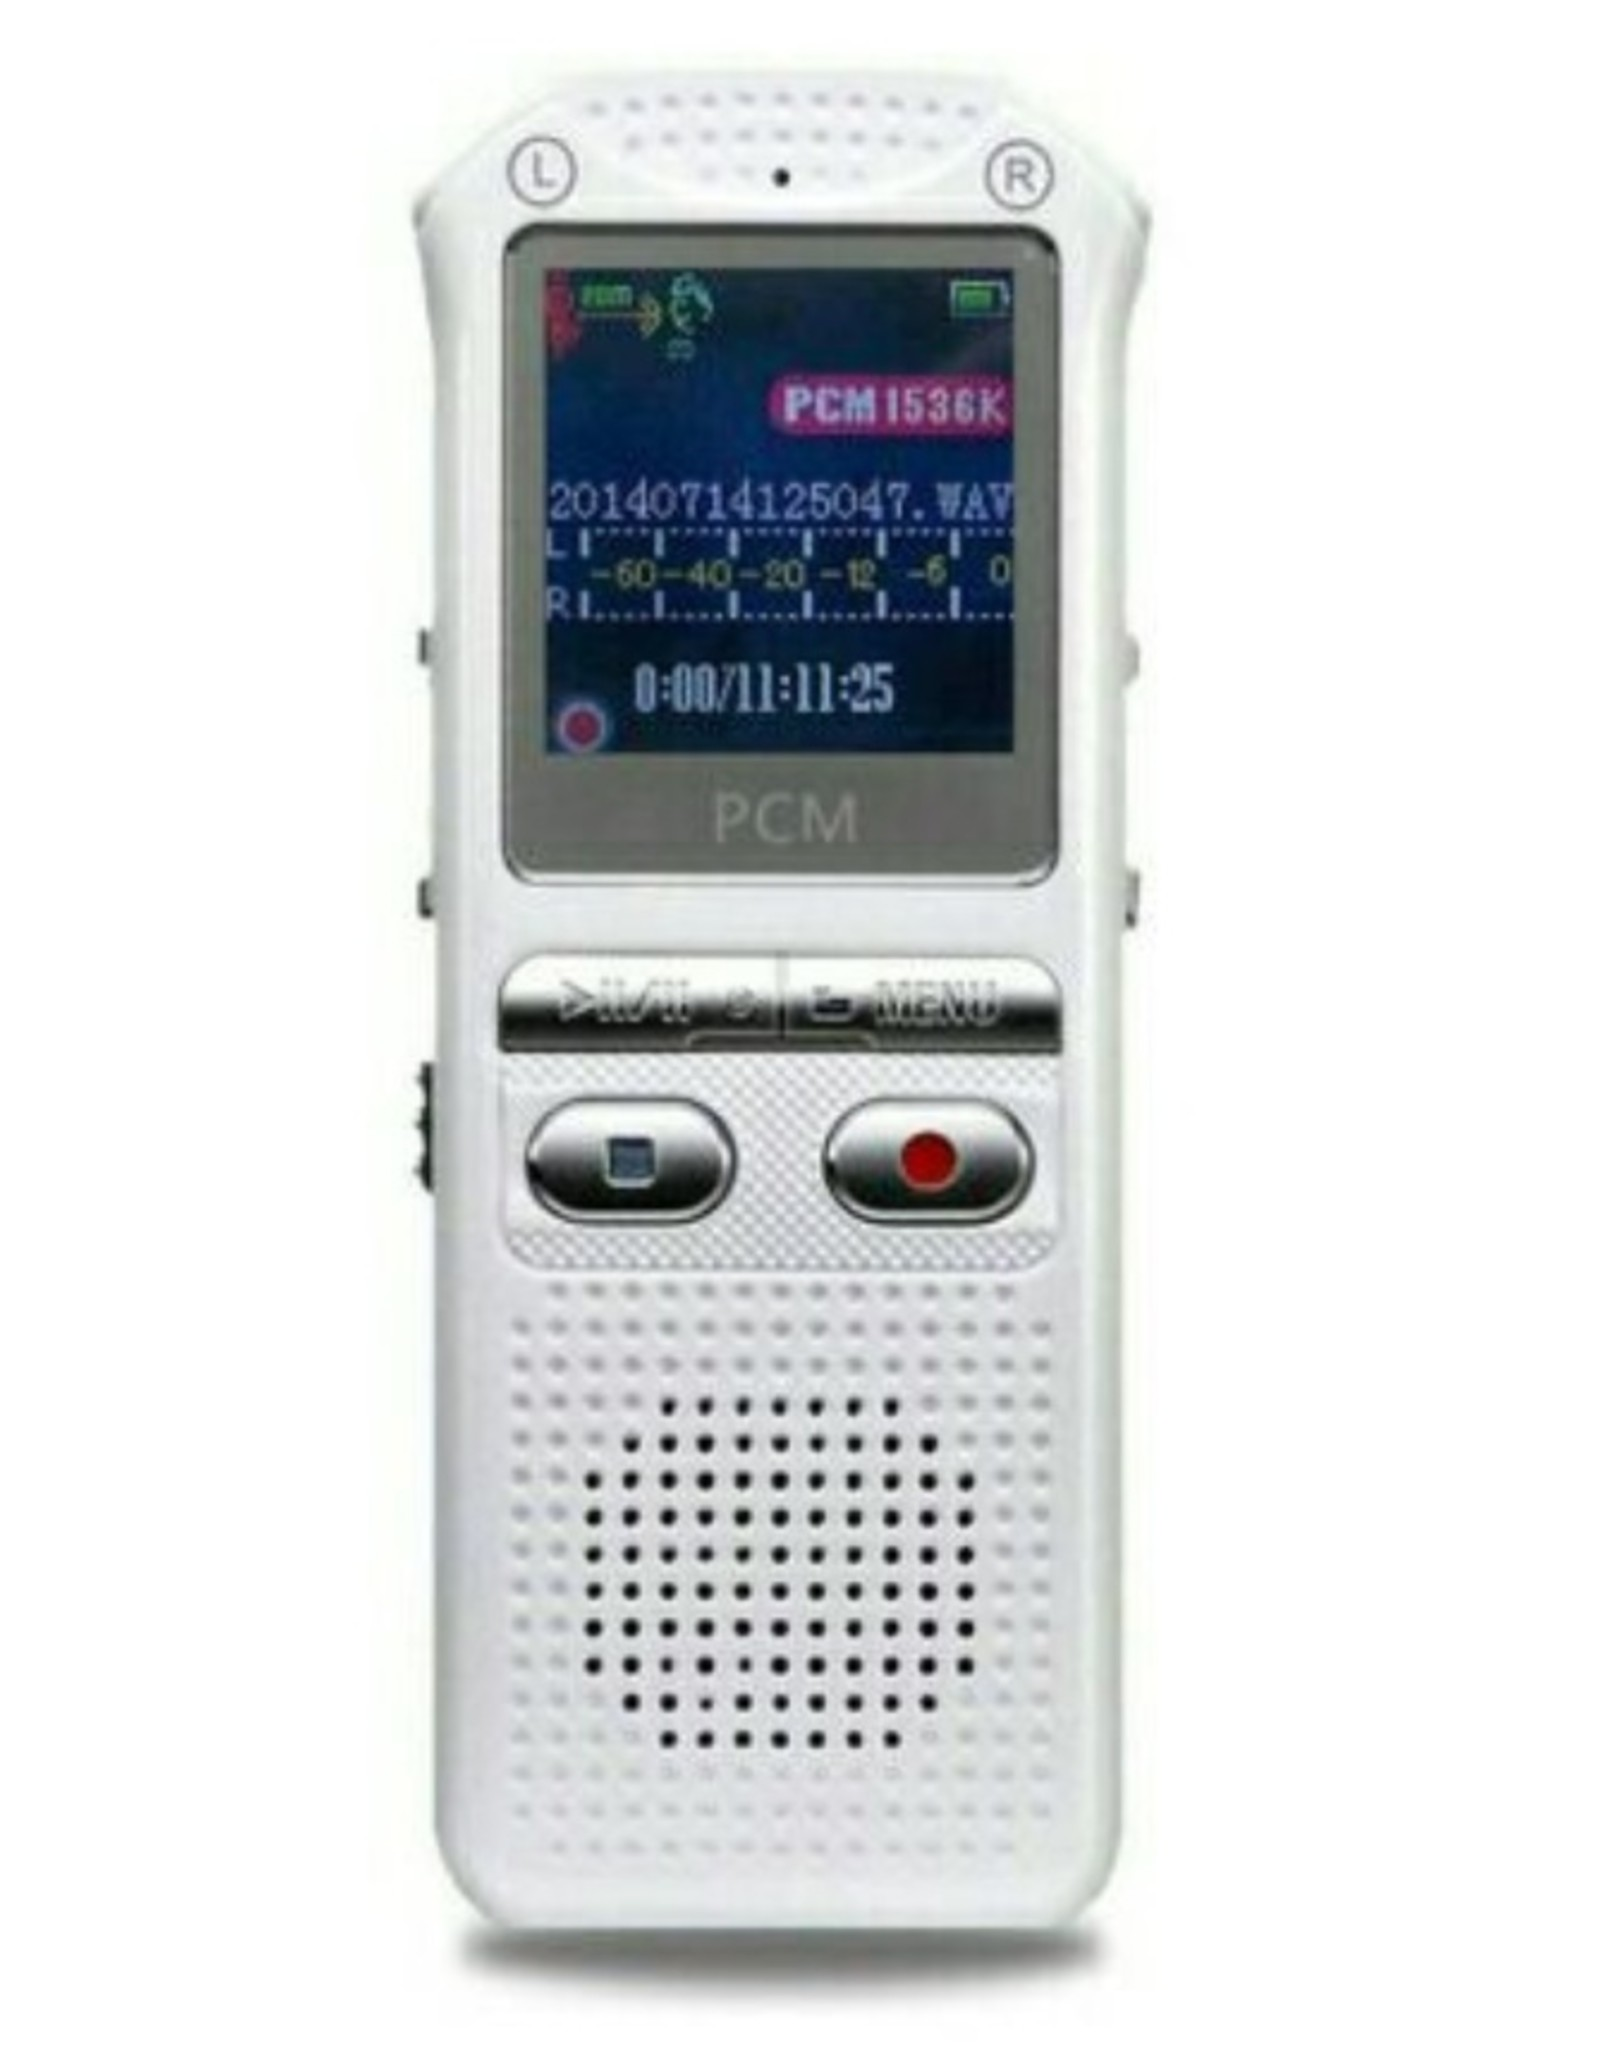 audiorecorder 60m, spraakrecorder 16GB, tijdstempel + spraakgestuurd + wachtwoord digitale recorder